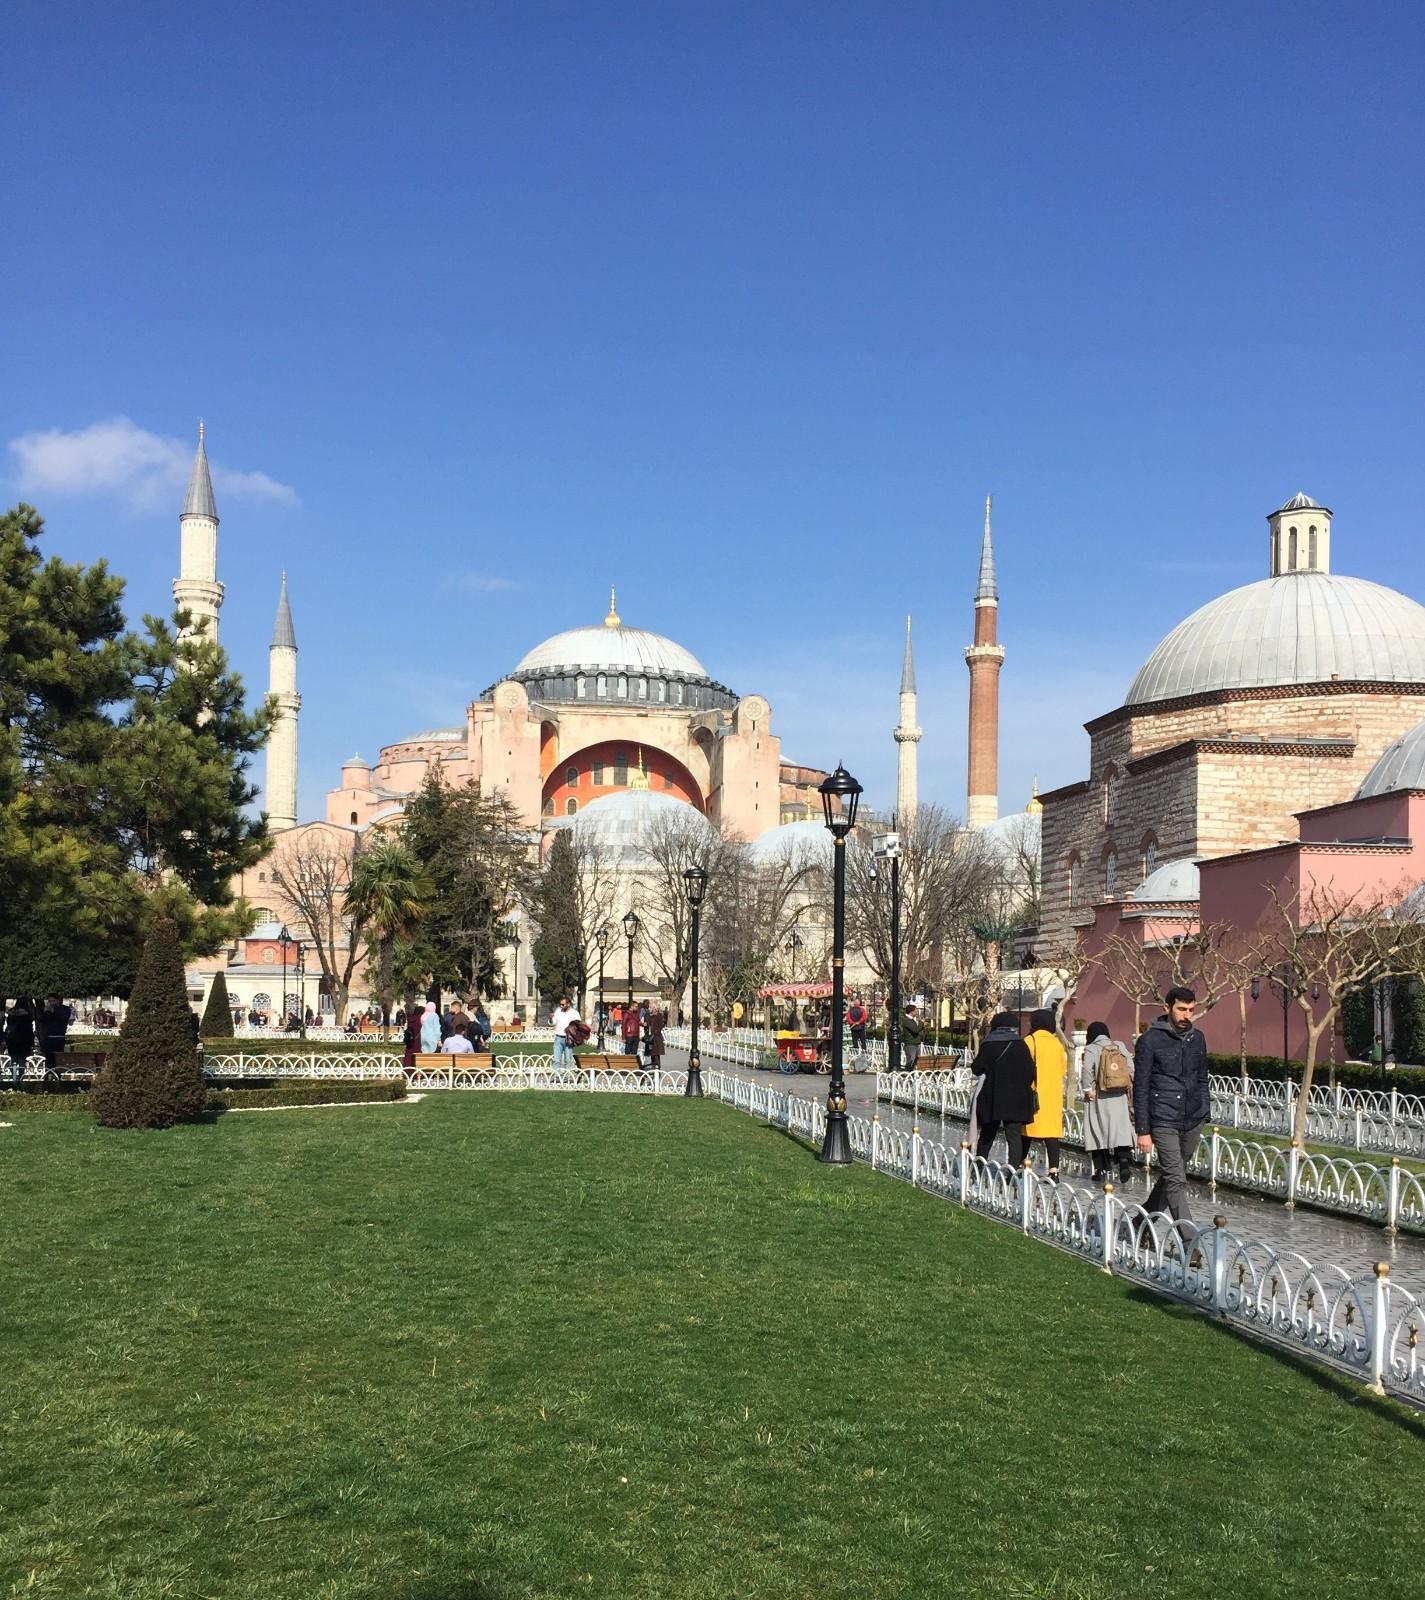 Fastener Fair Turkey 2018